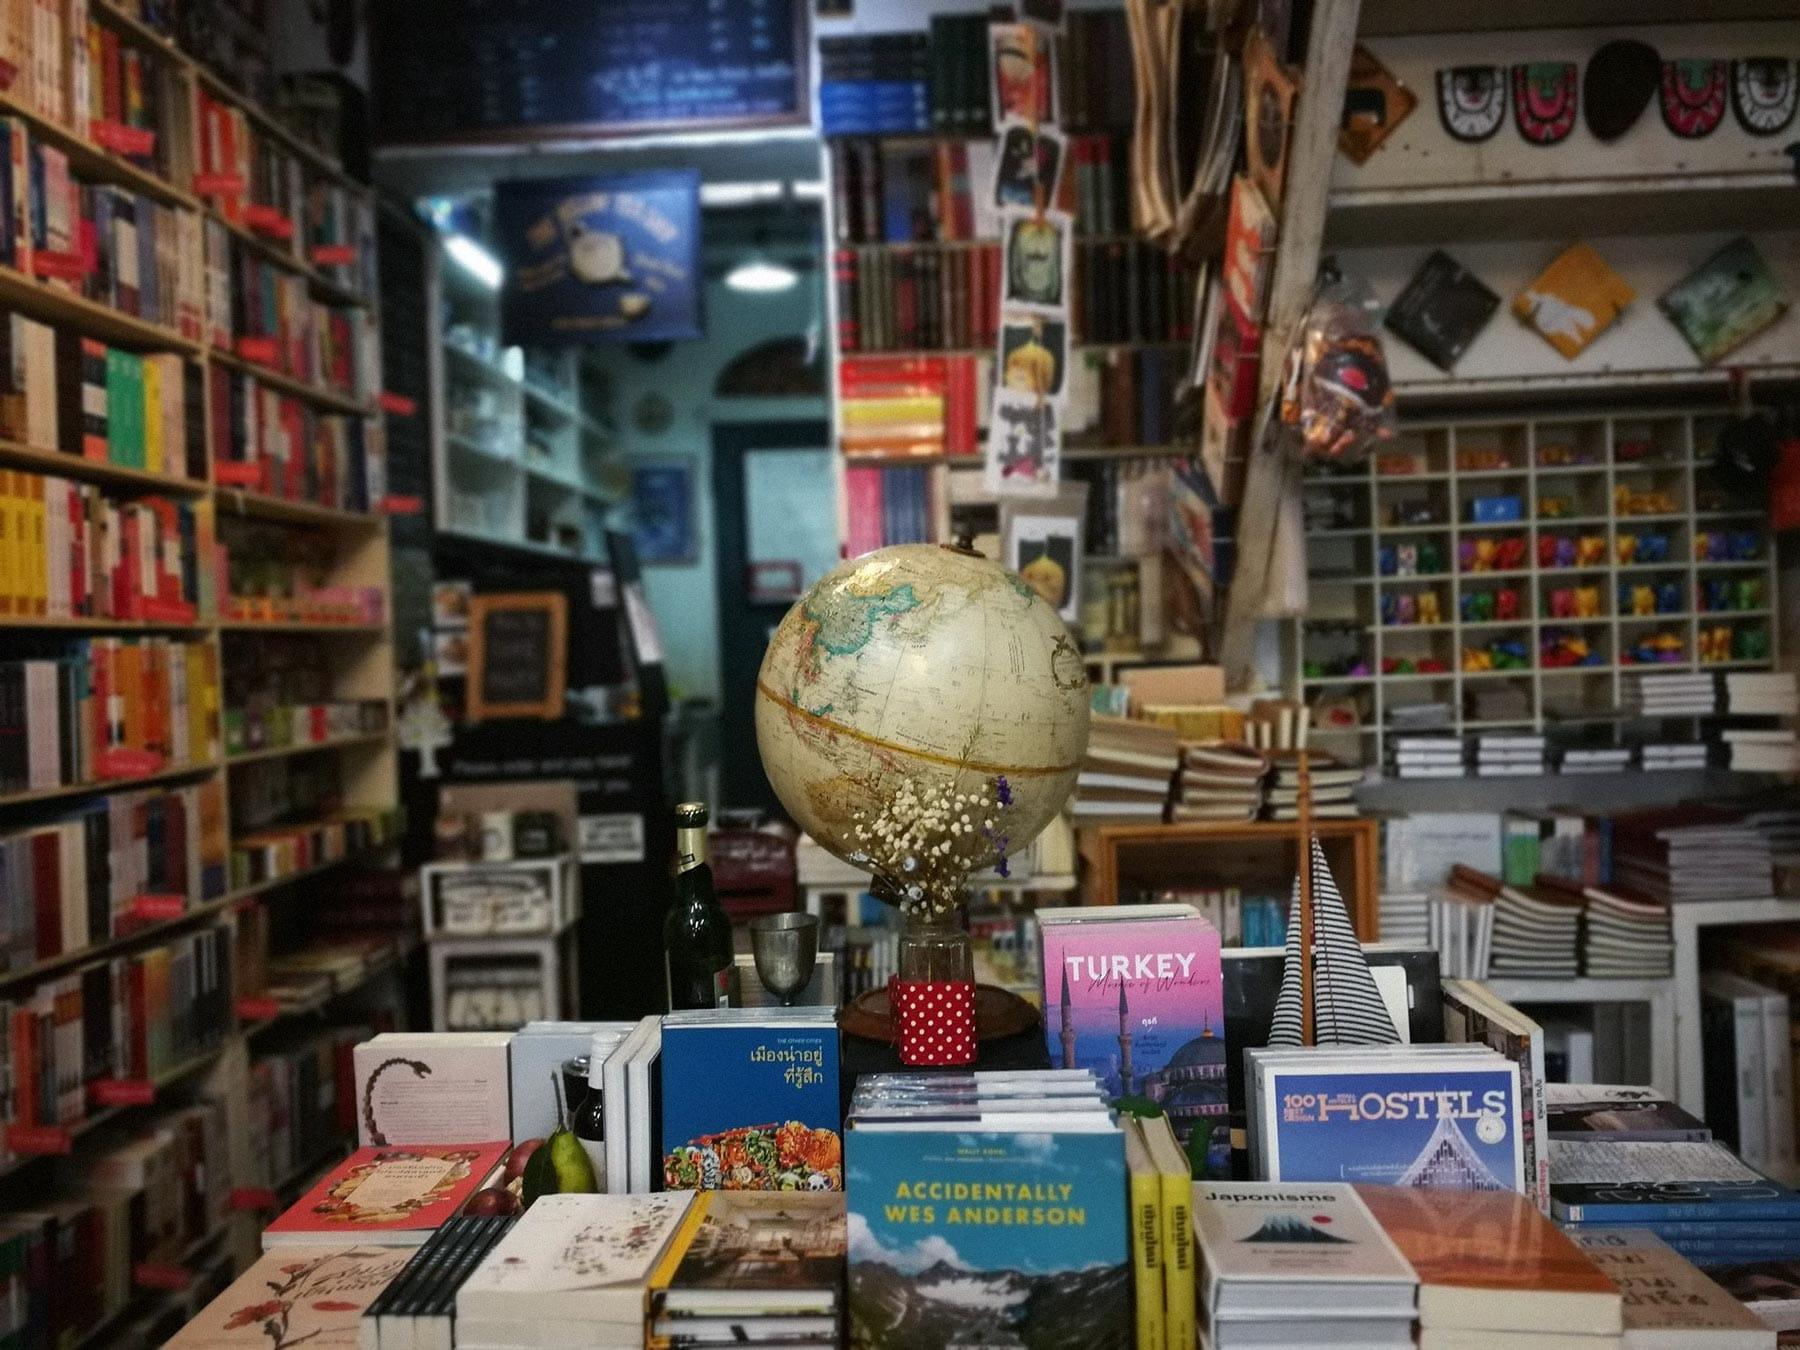 Стеллаж с книгами о путешествиях в магазине Passport Bookshop, Бангкок, Таиланд. Источник: фейсбук-страница магазина